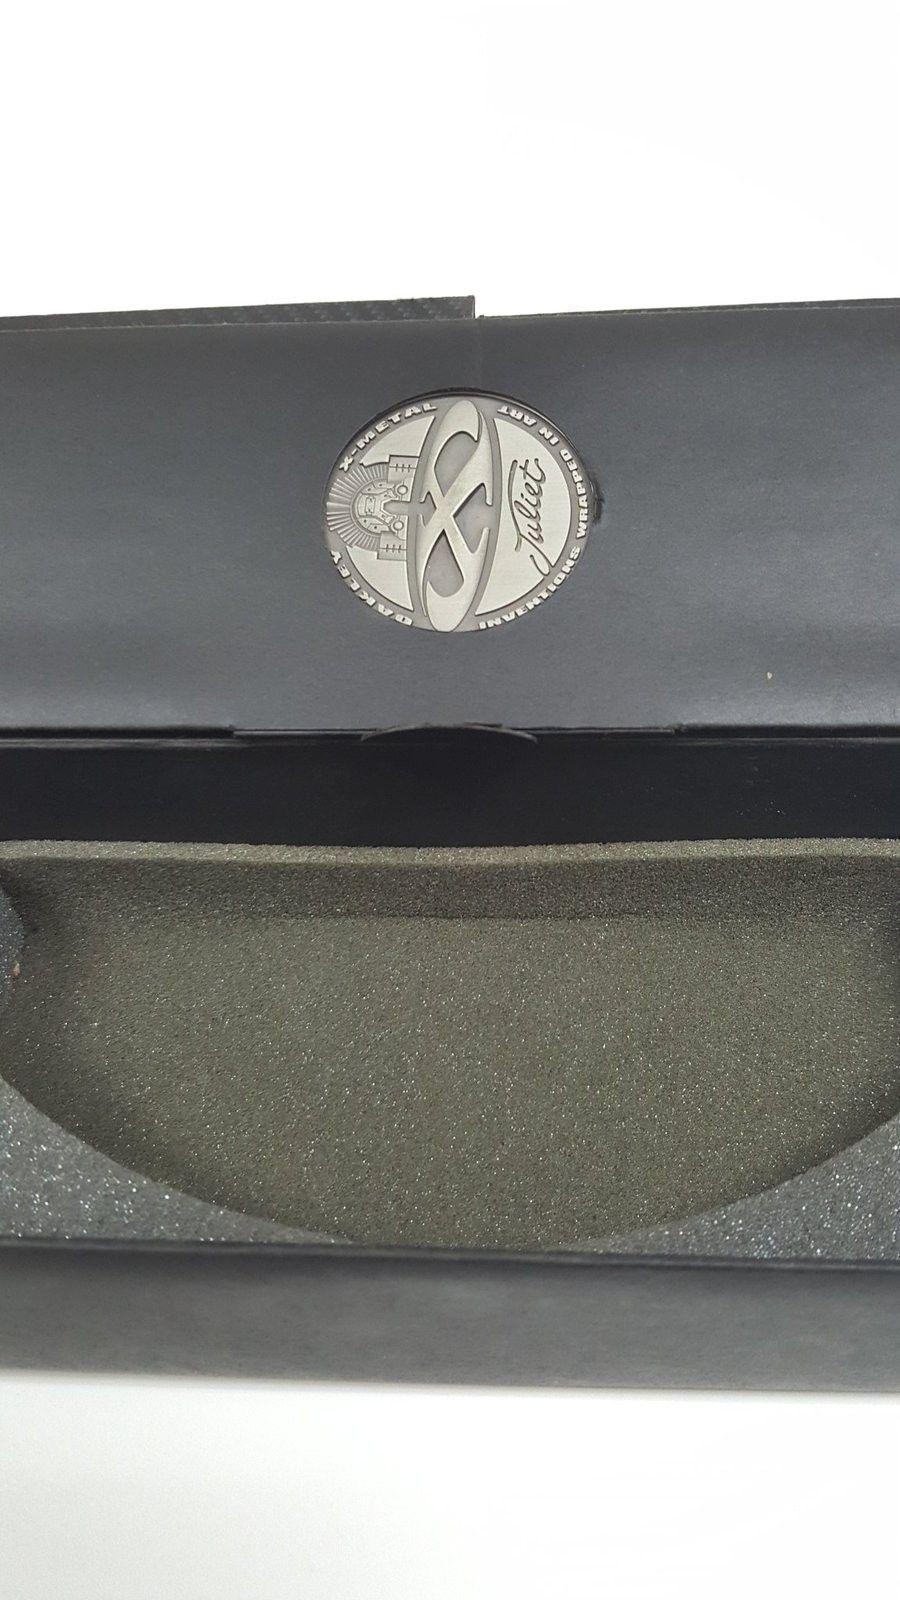 Juliet Box w/coin - 75.00 - 20151026_122137.jpg